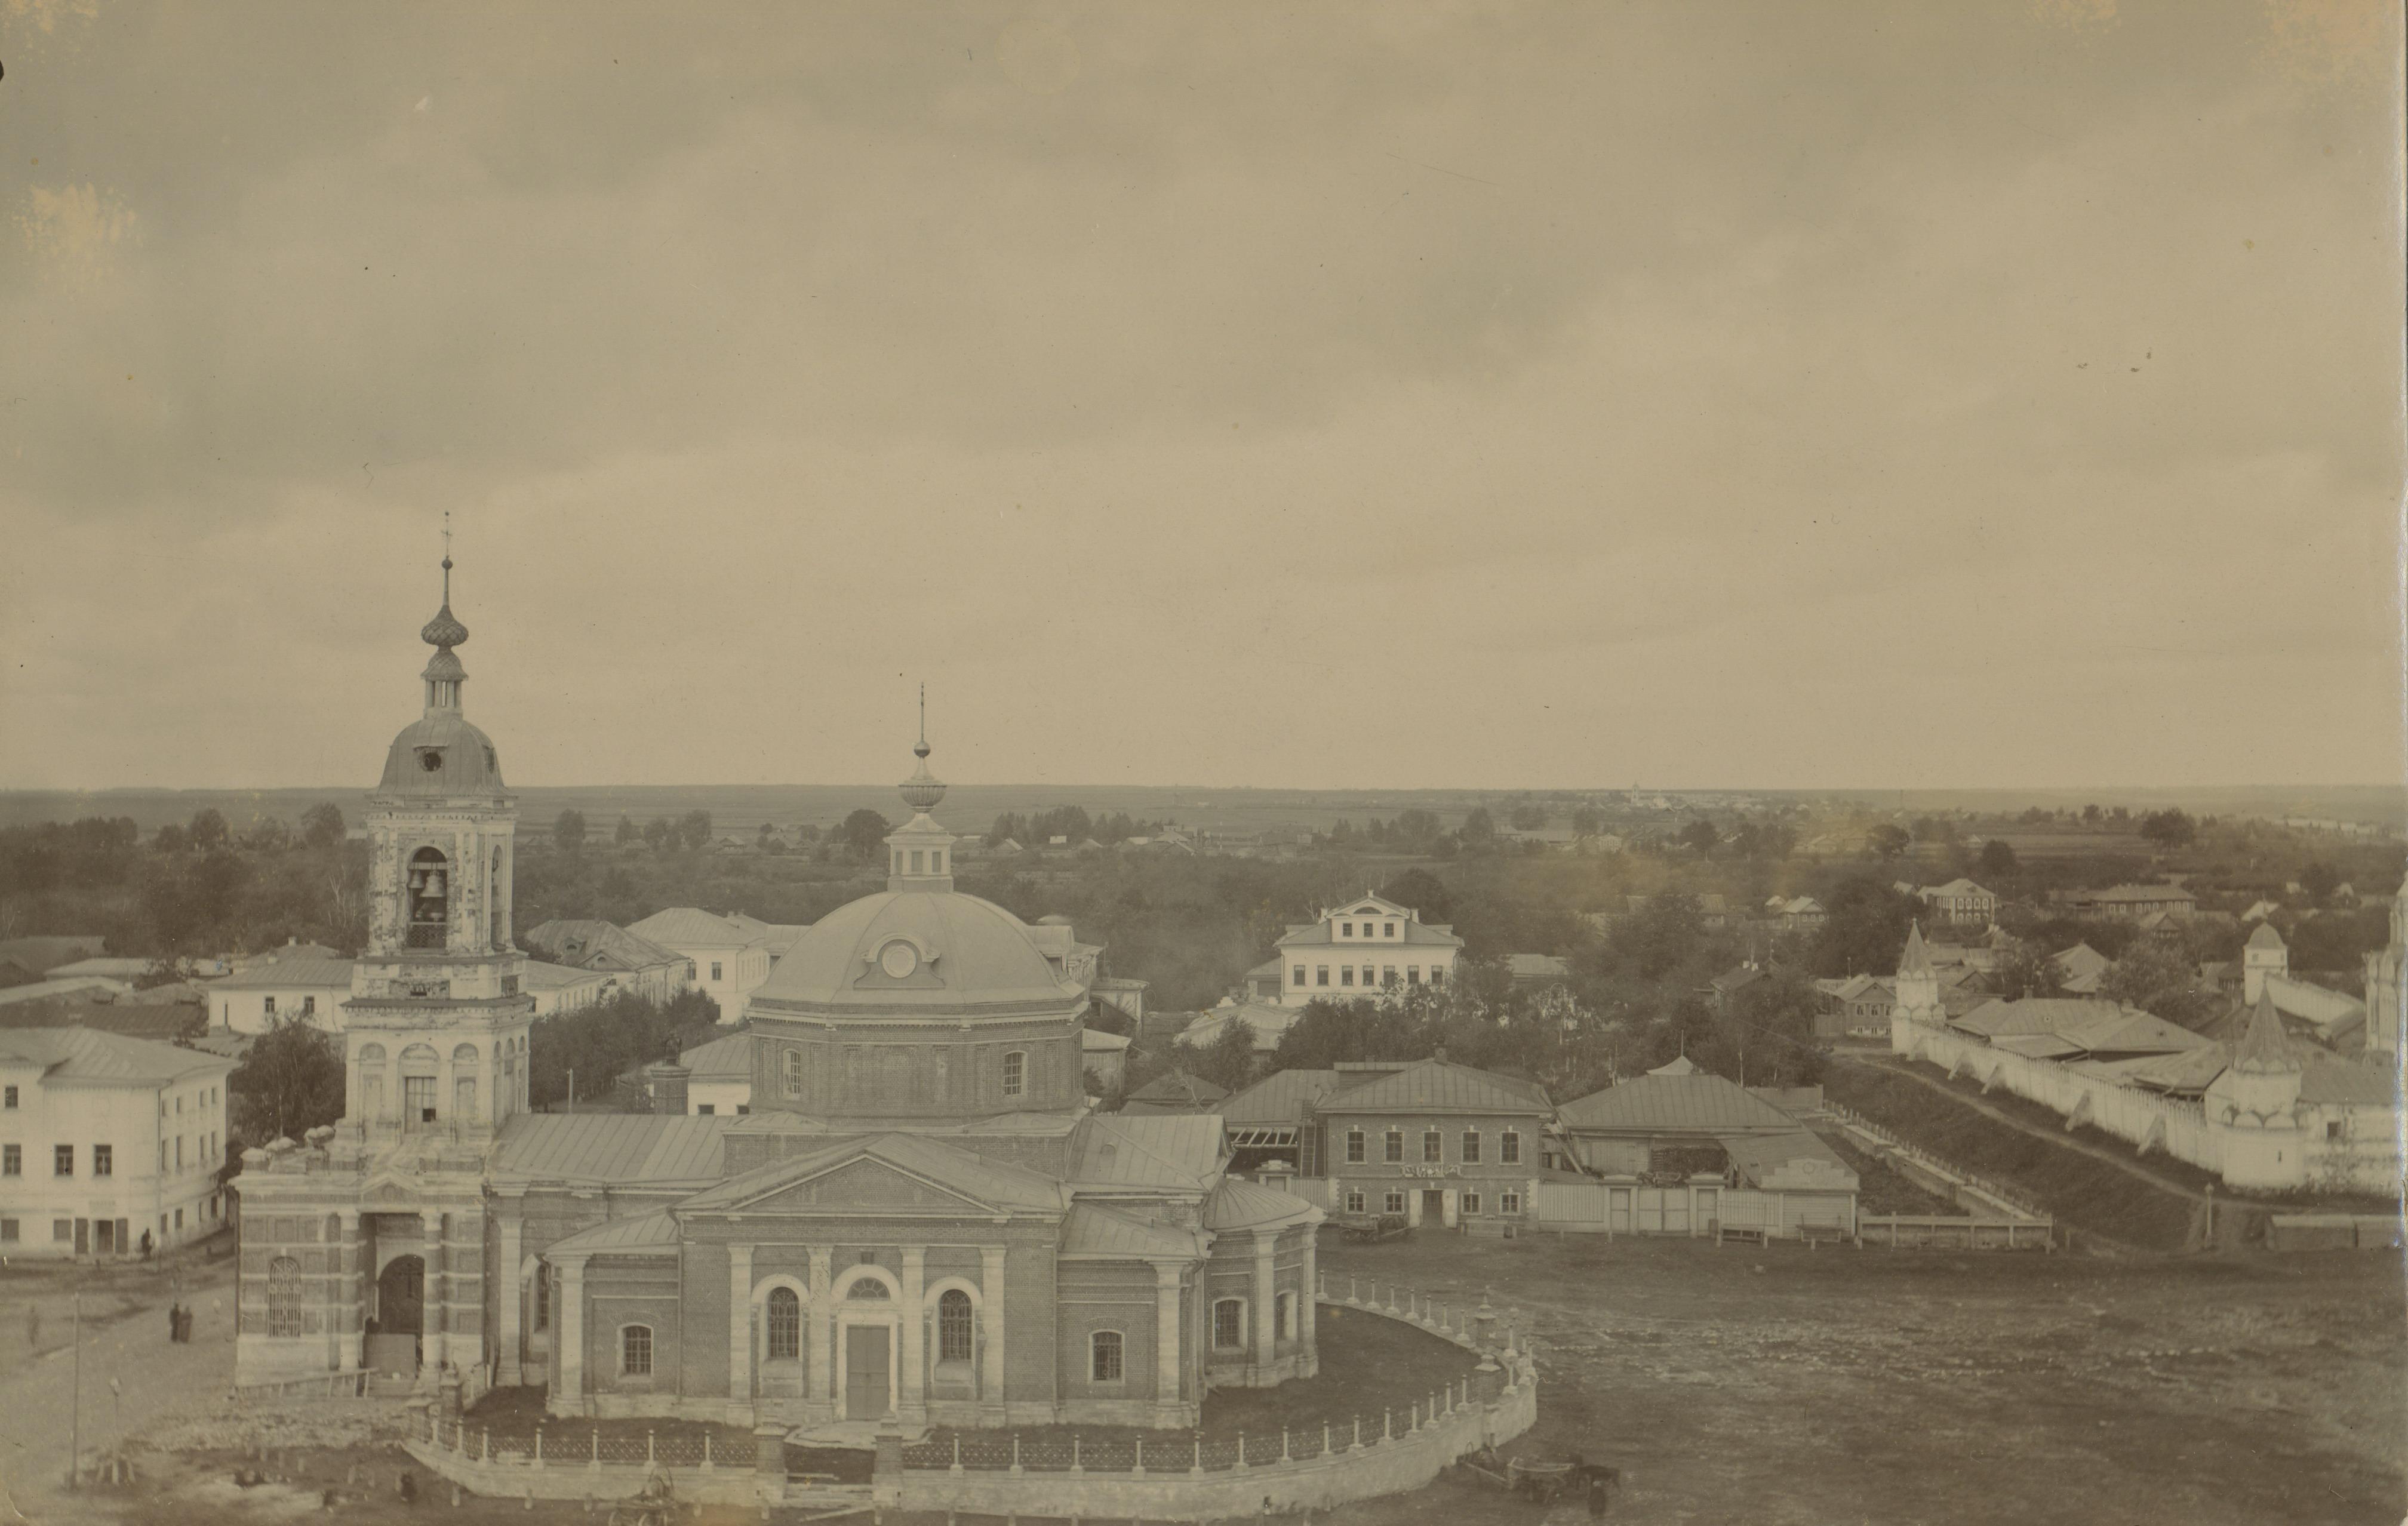 Церковь Иоанна Предтечи (XVII в.). Вид с юга. 1890-е